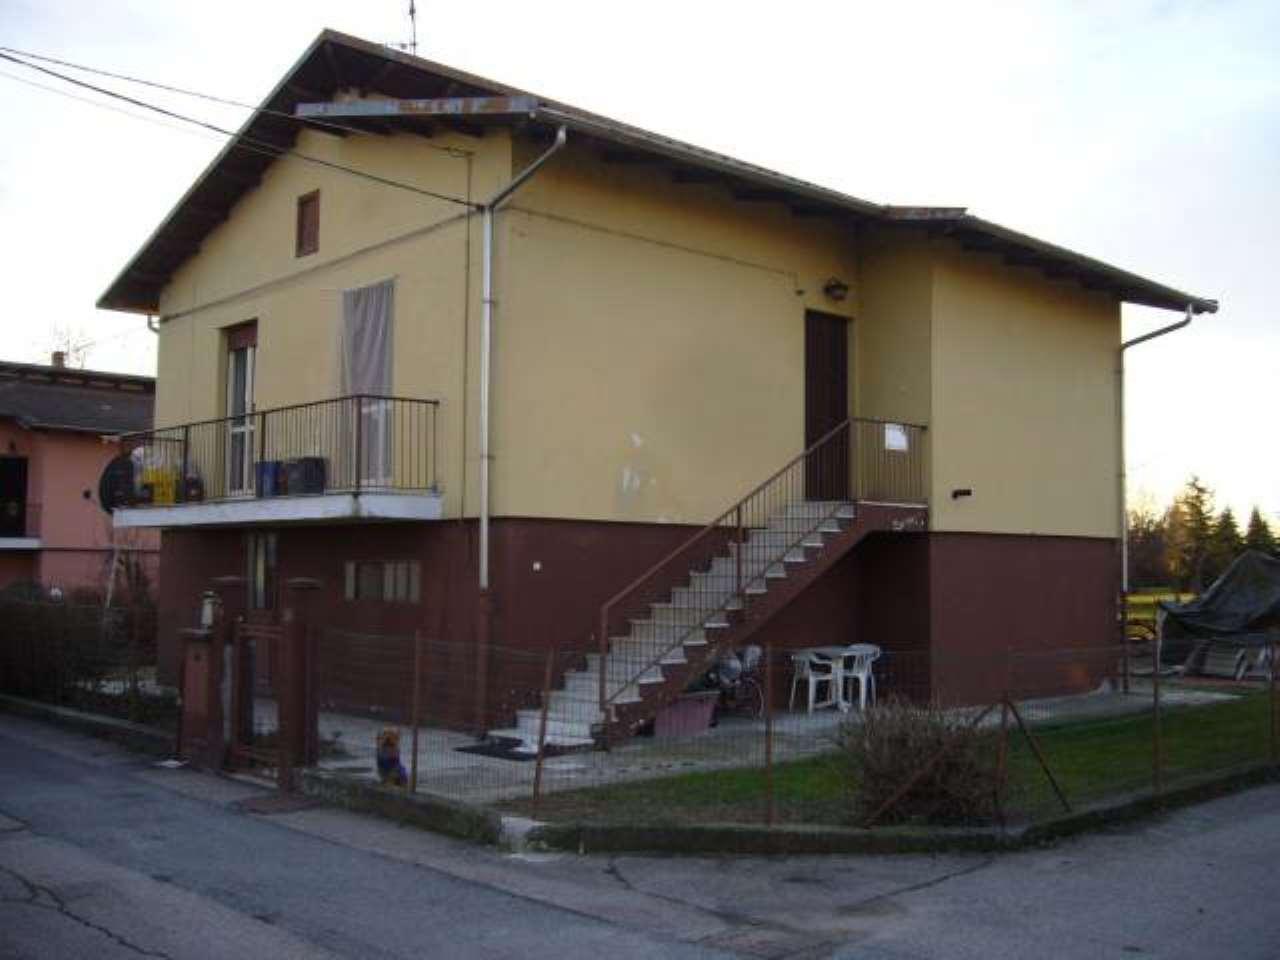 Villa in vendita a Salasco, 4 locali, prezzo € 60.000   CambioCasa.it